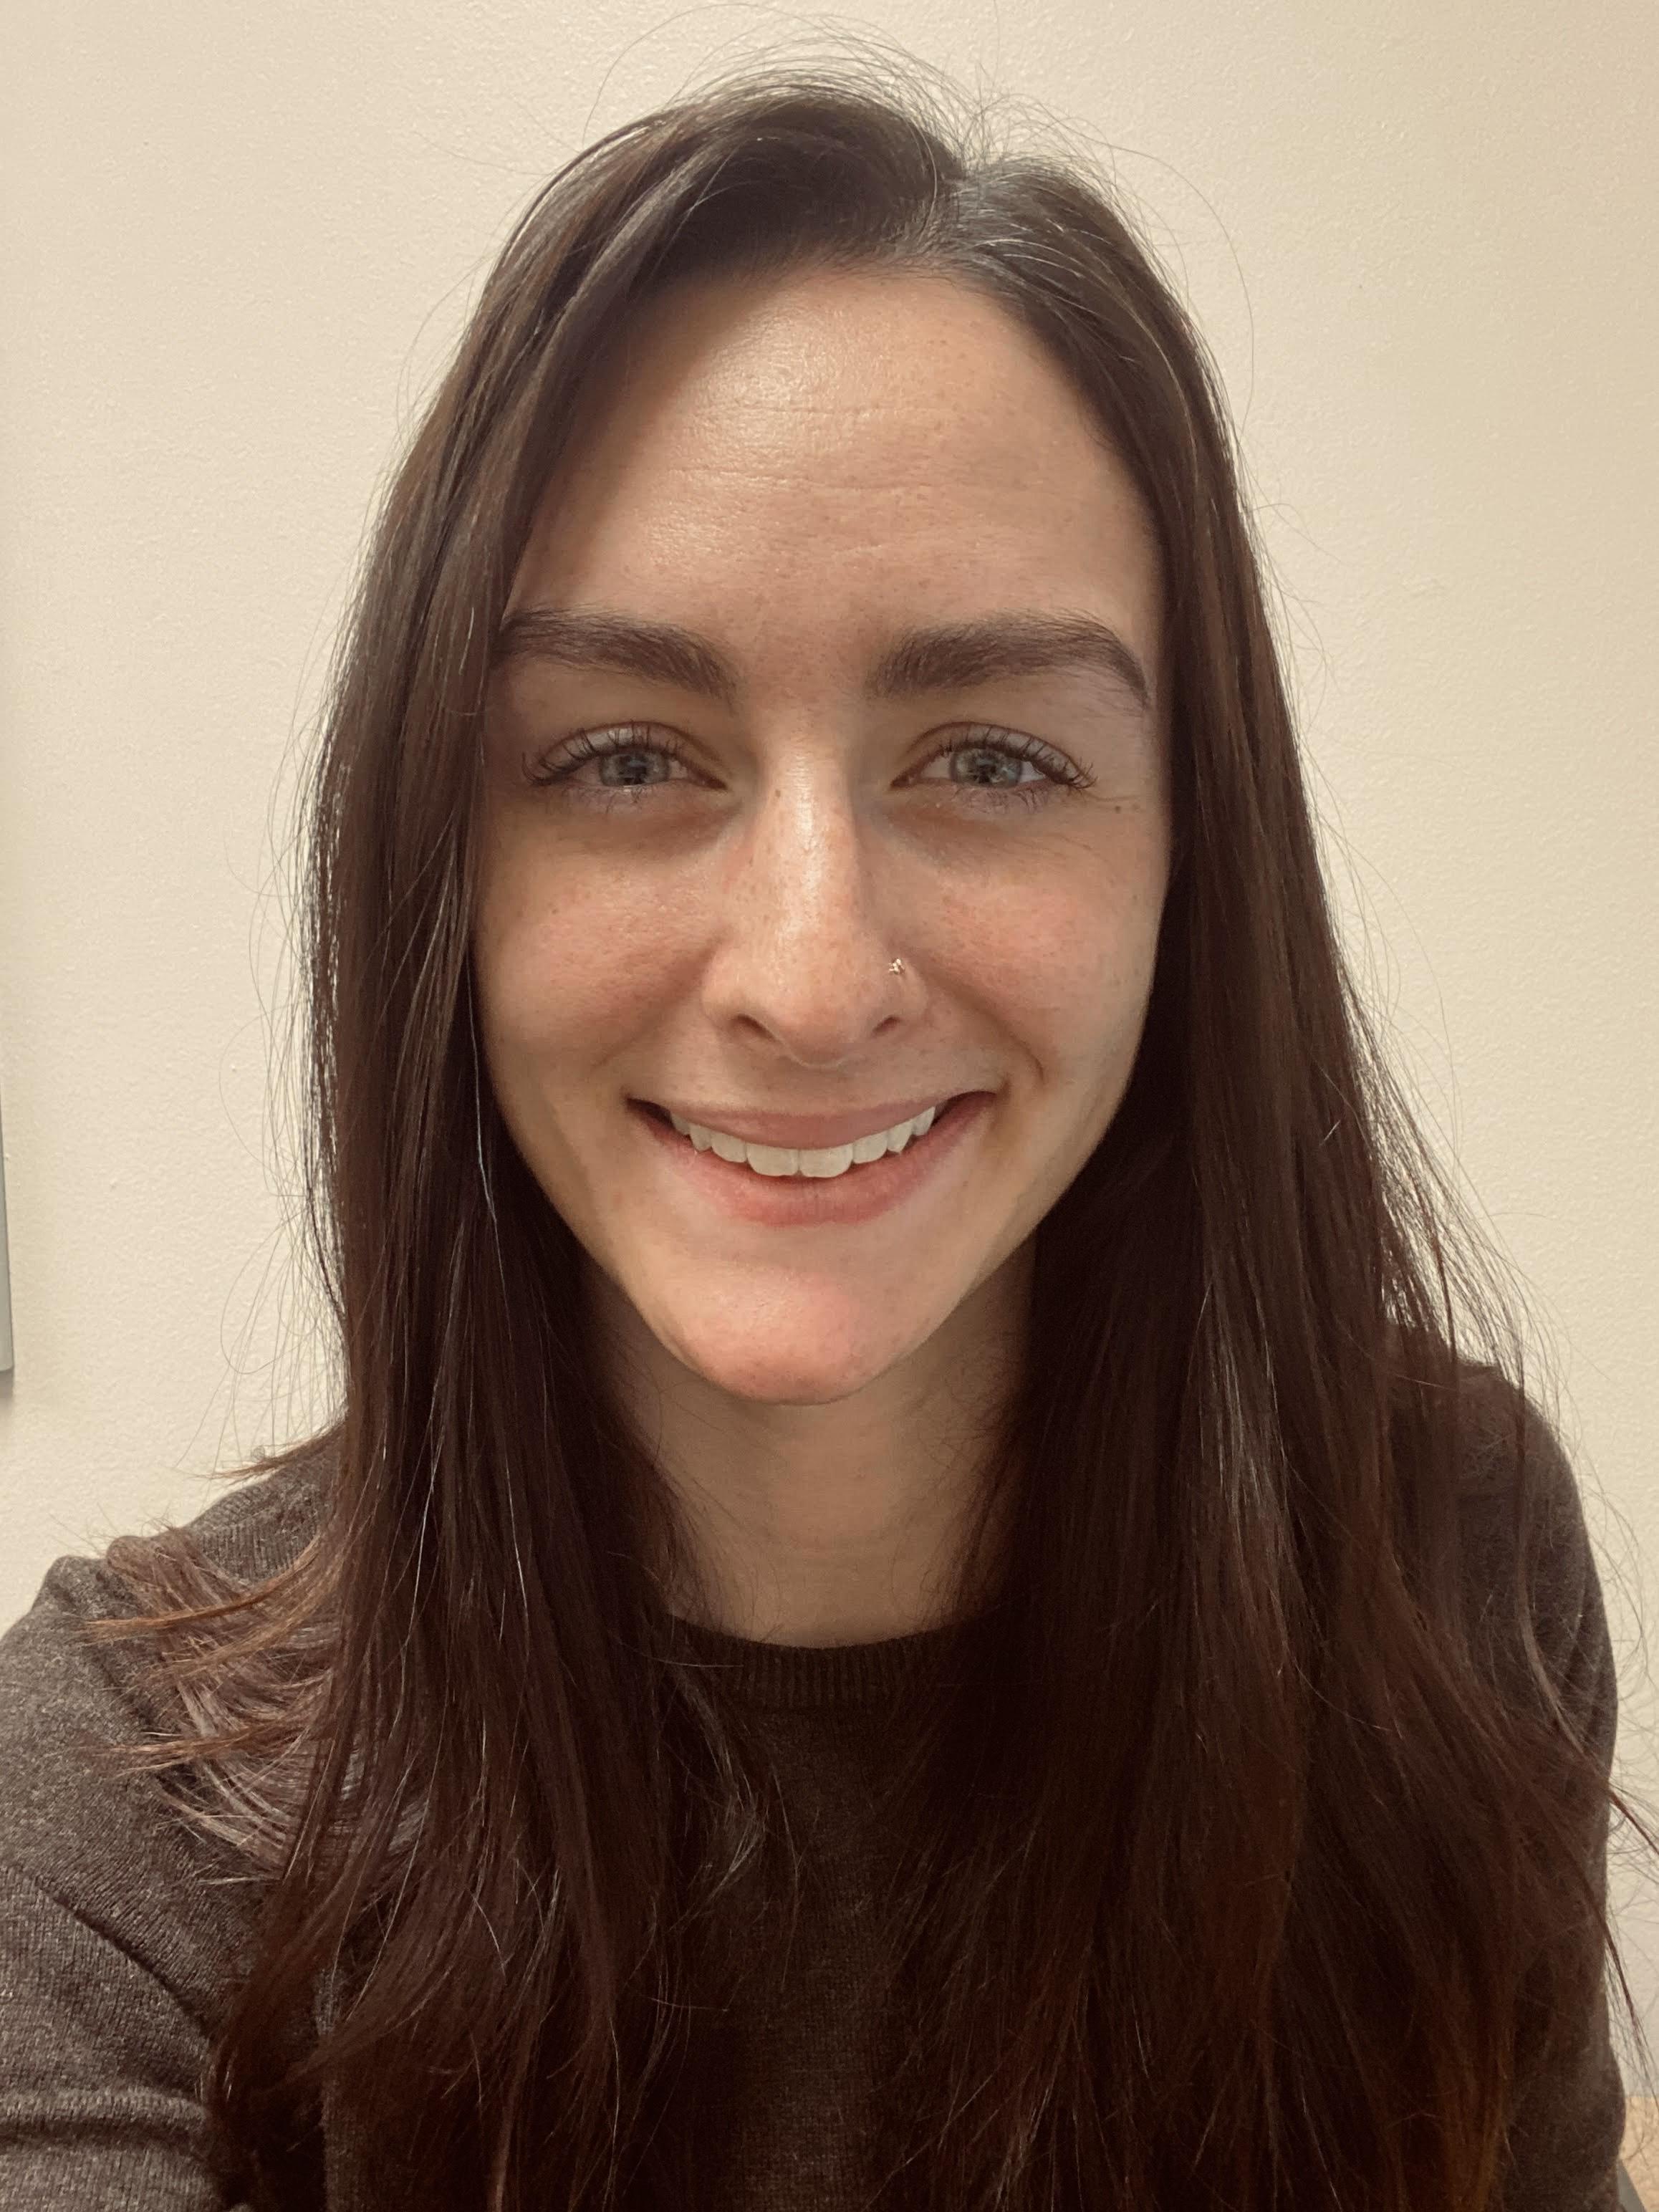 Carlye Rizzo